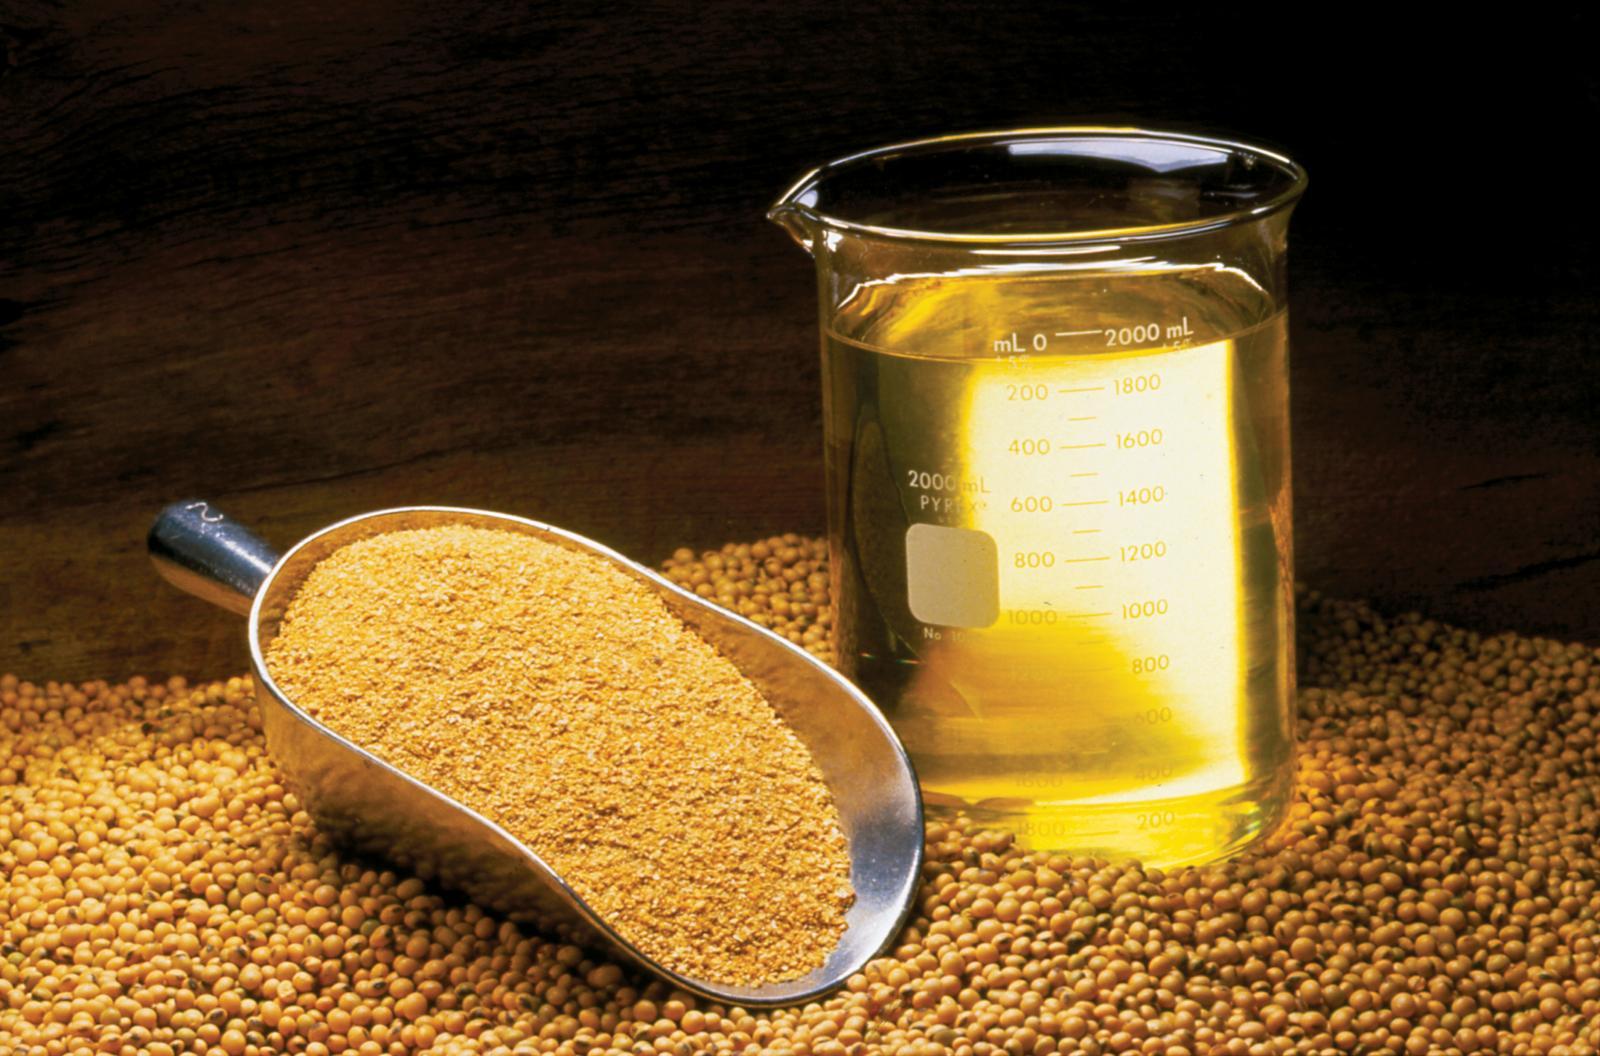 فوائد زيت الصويا وهل هو بديل صحي عن الزيوت التي نستخدمها ؟ %D8%B2%D9%8A%D8%AA-%